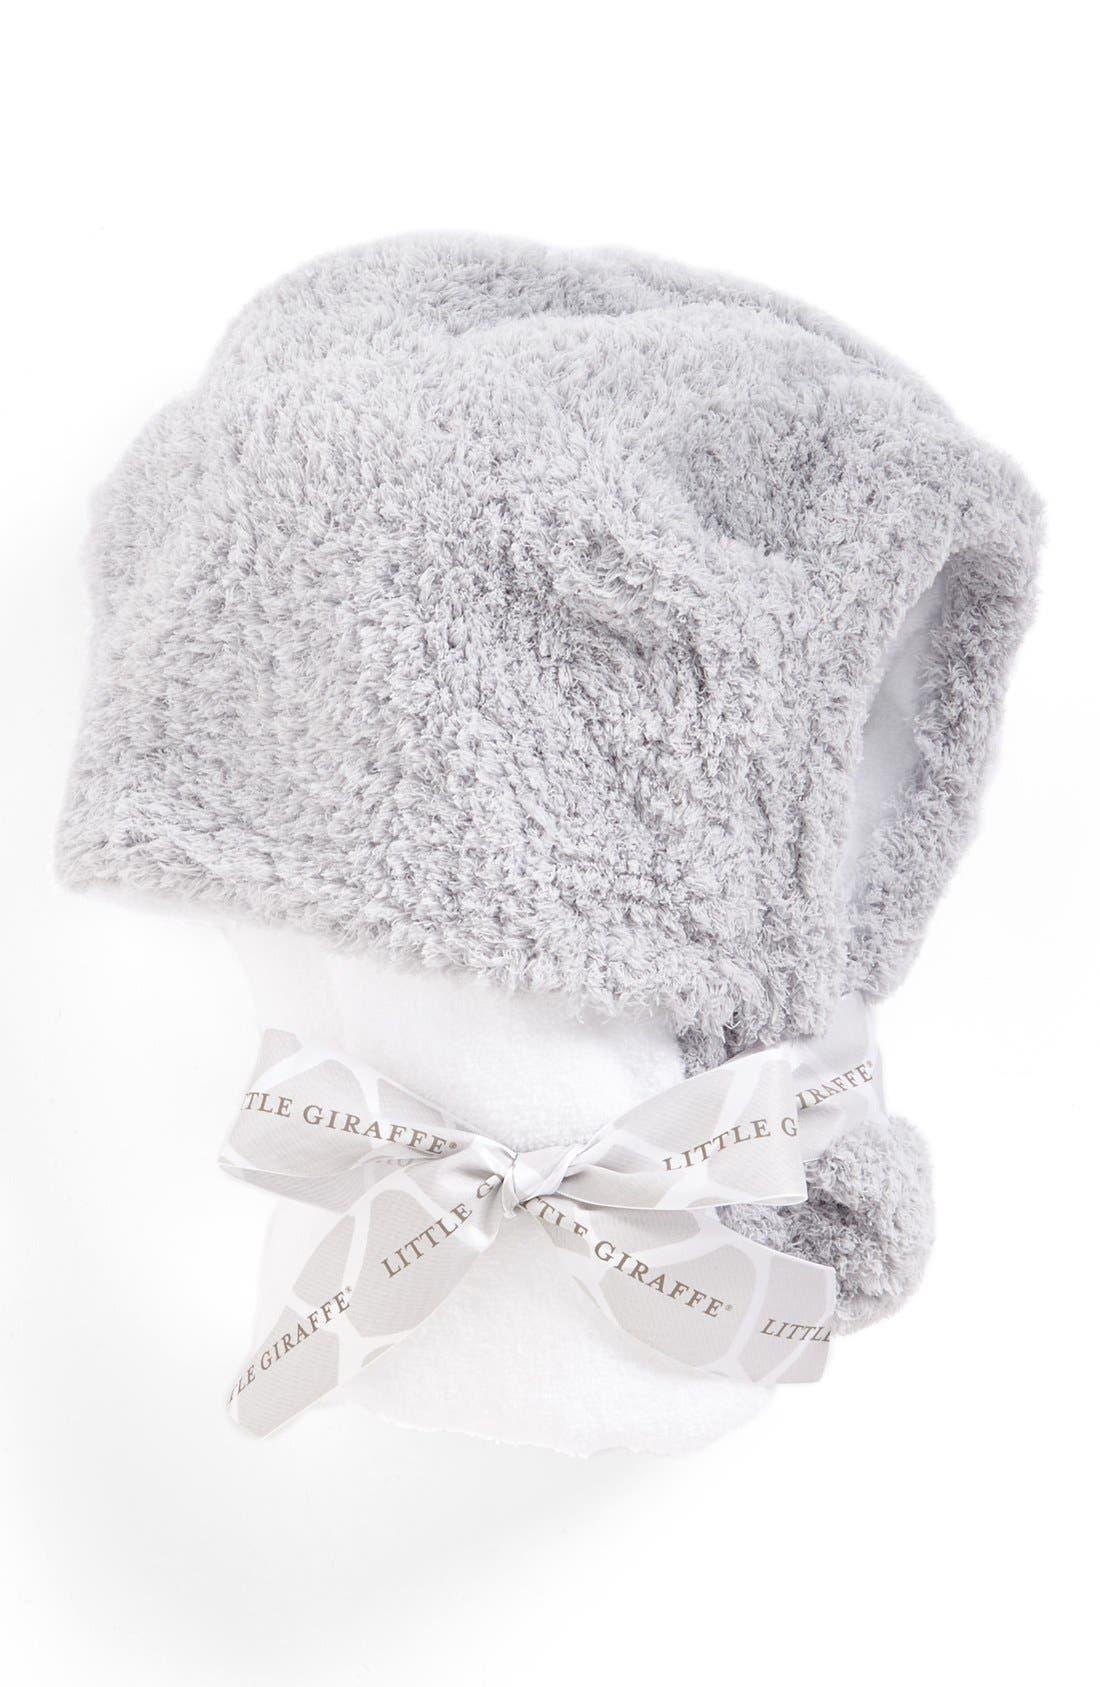 Alternate Image 1 Selected - Little Giraffe Chenille Hooded Towel (Baby)